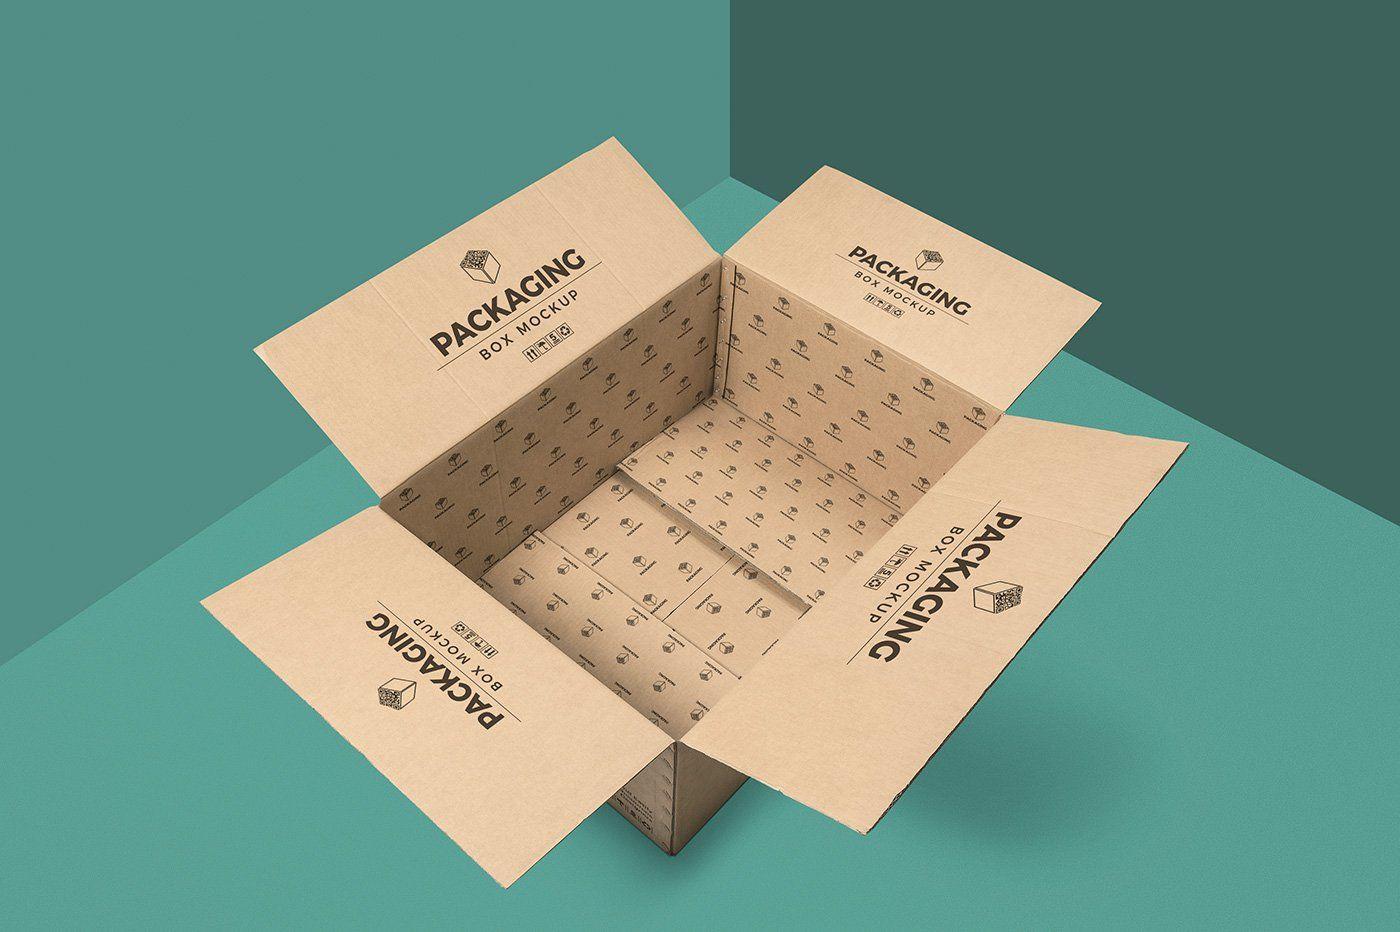 Download Packaging Box Mockups Box Mockup Mockup Packaging Box Packaging Mockup